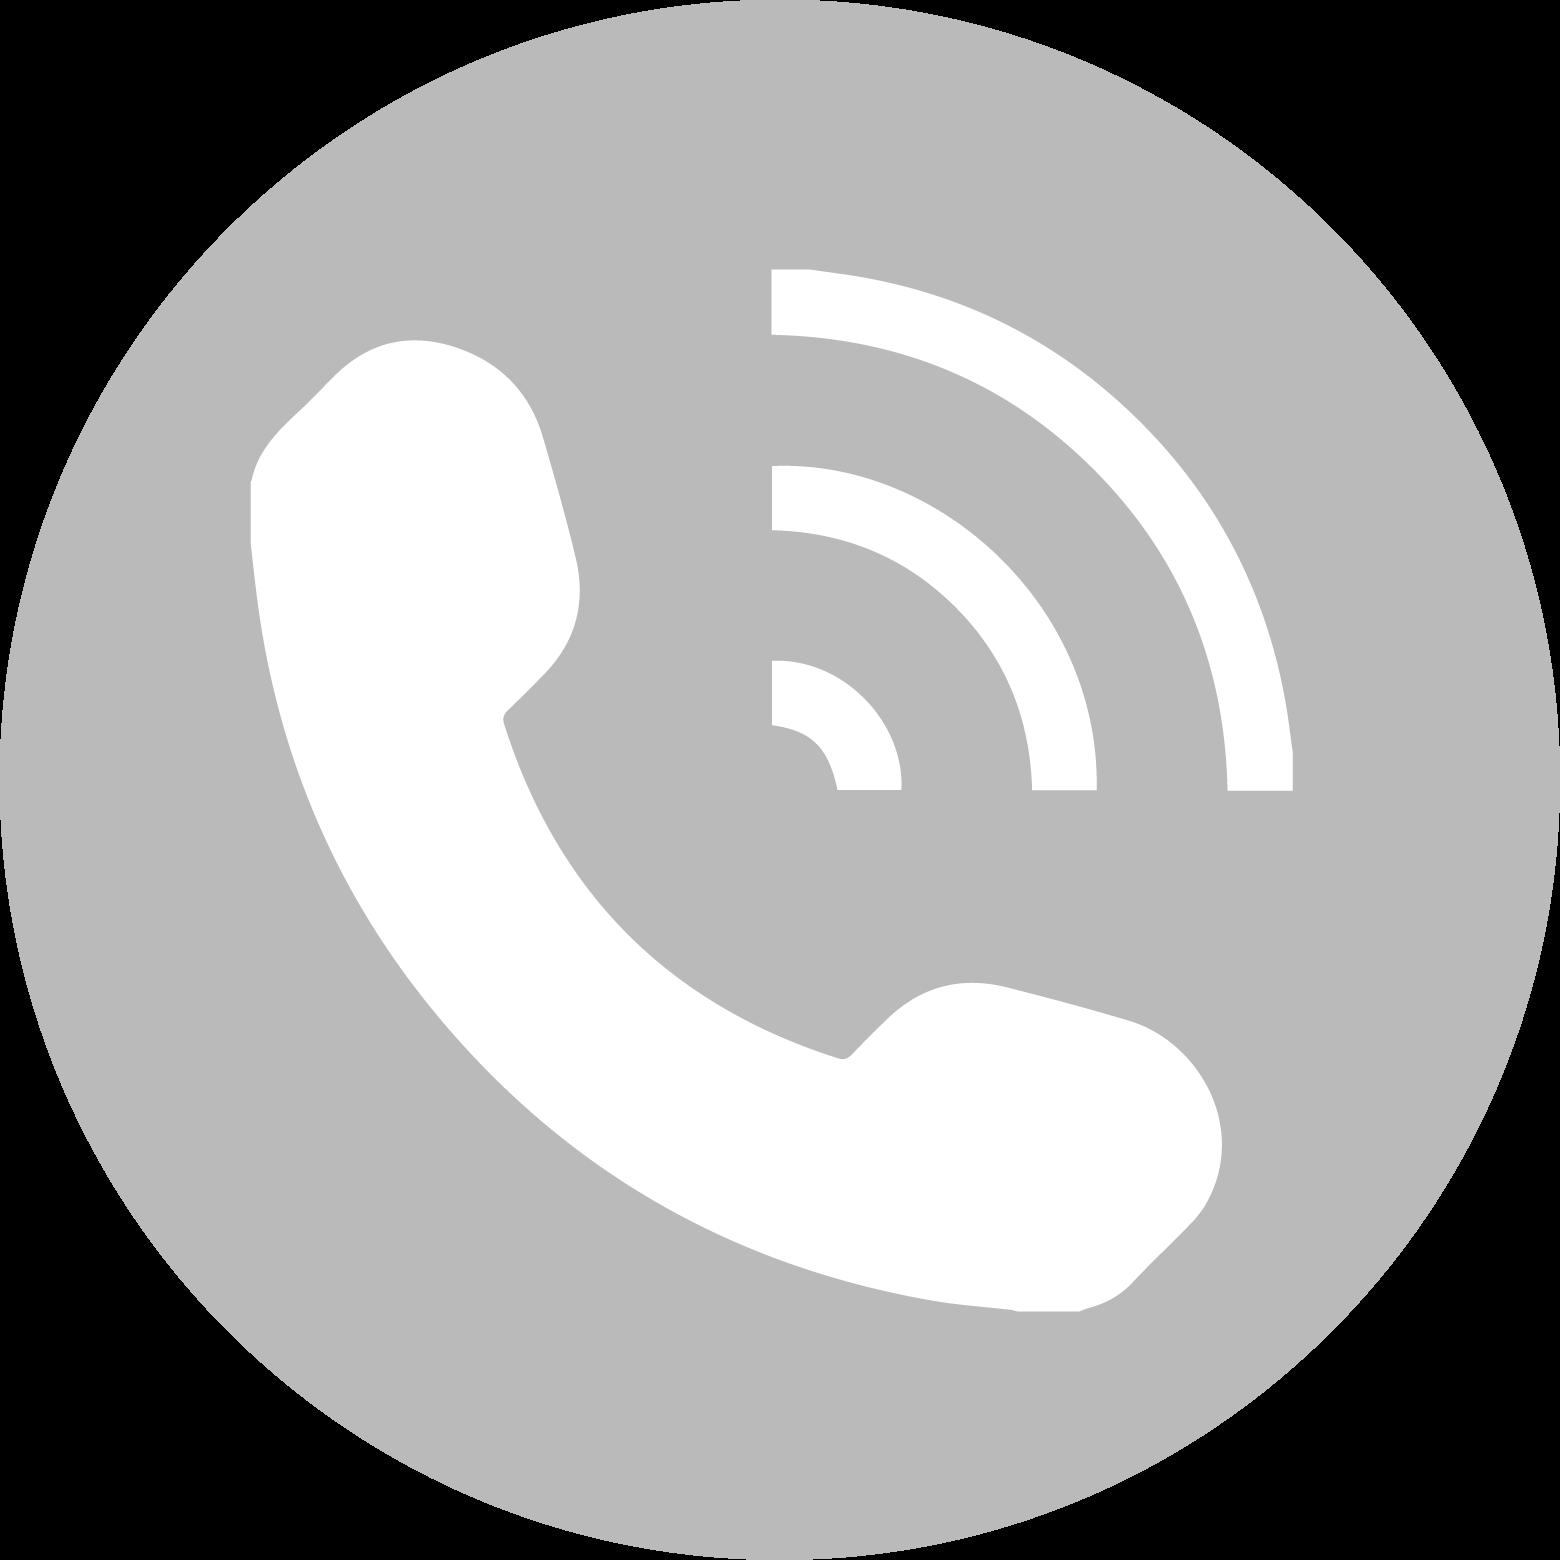 Contact MolluscumRX